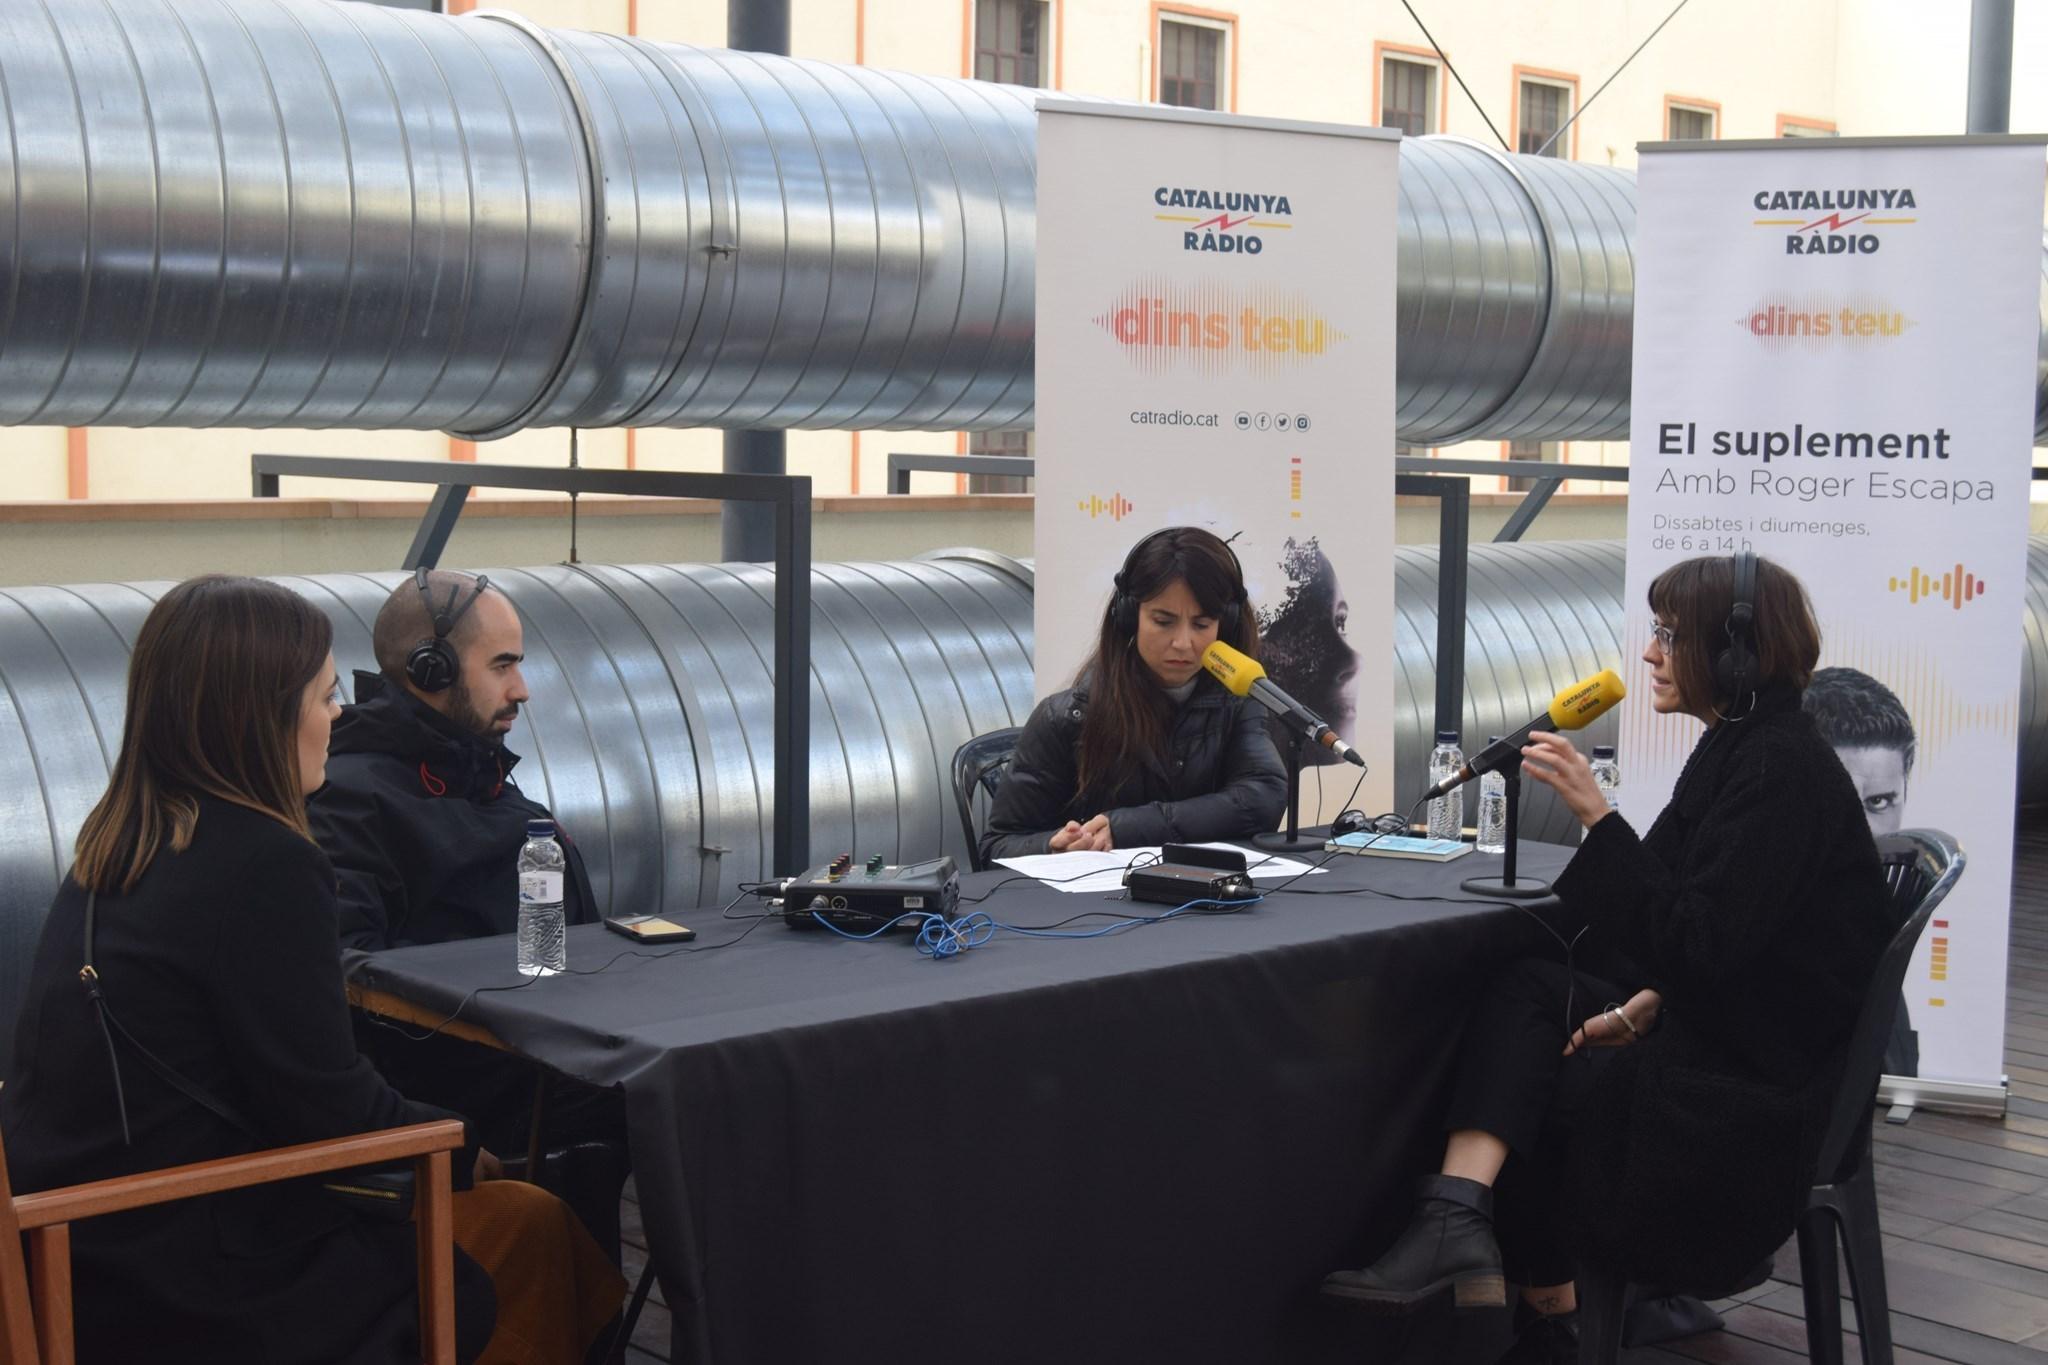 'El Suplement' de Catalunya Radio en directe amb Marta Roqueta